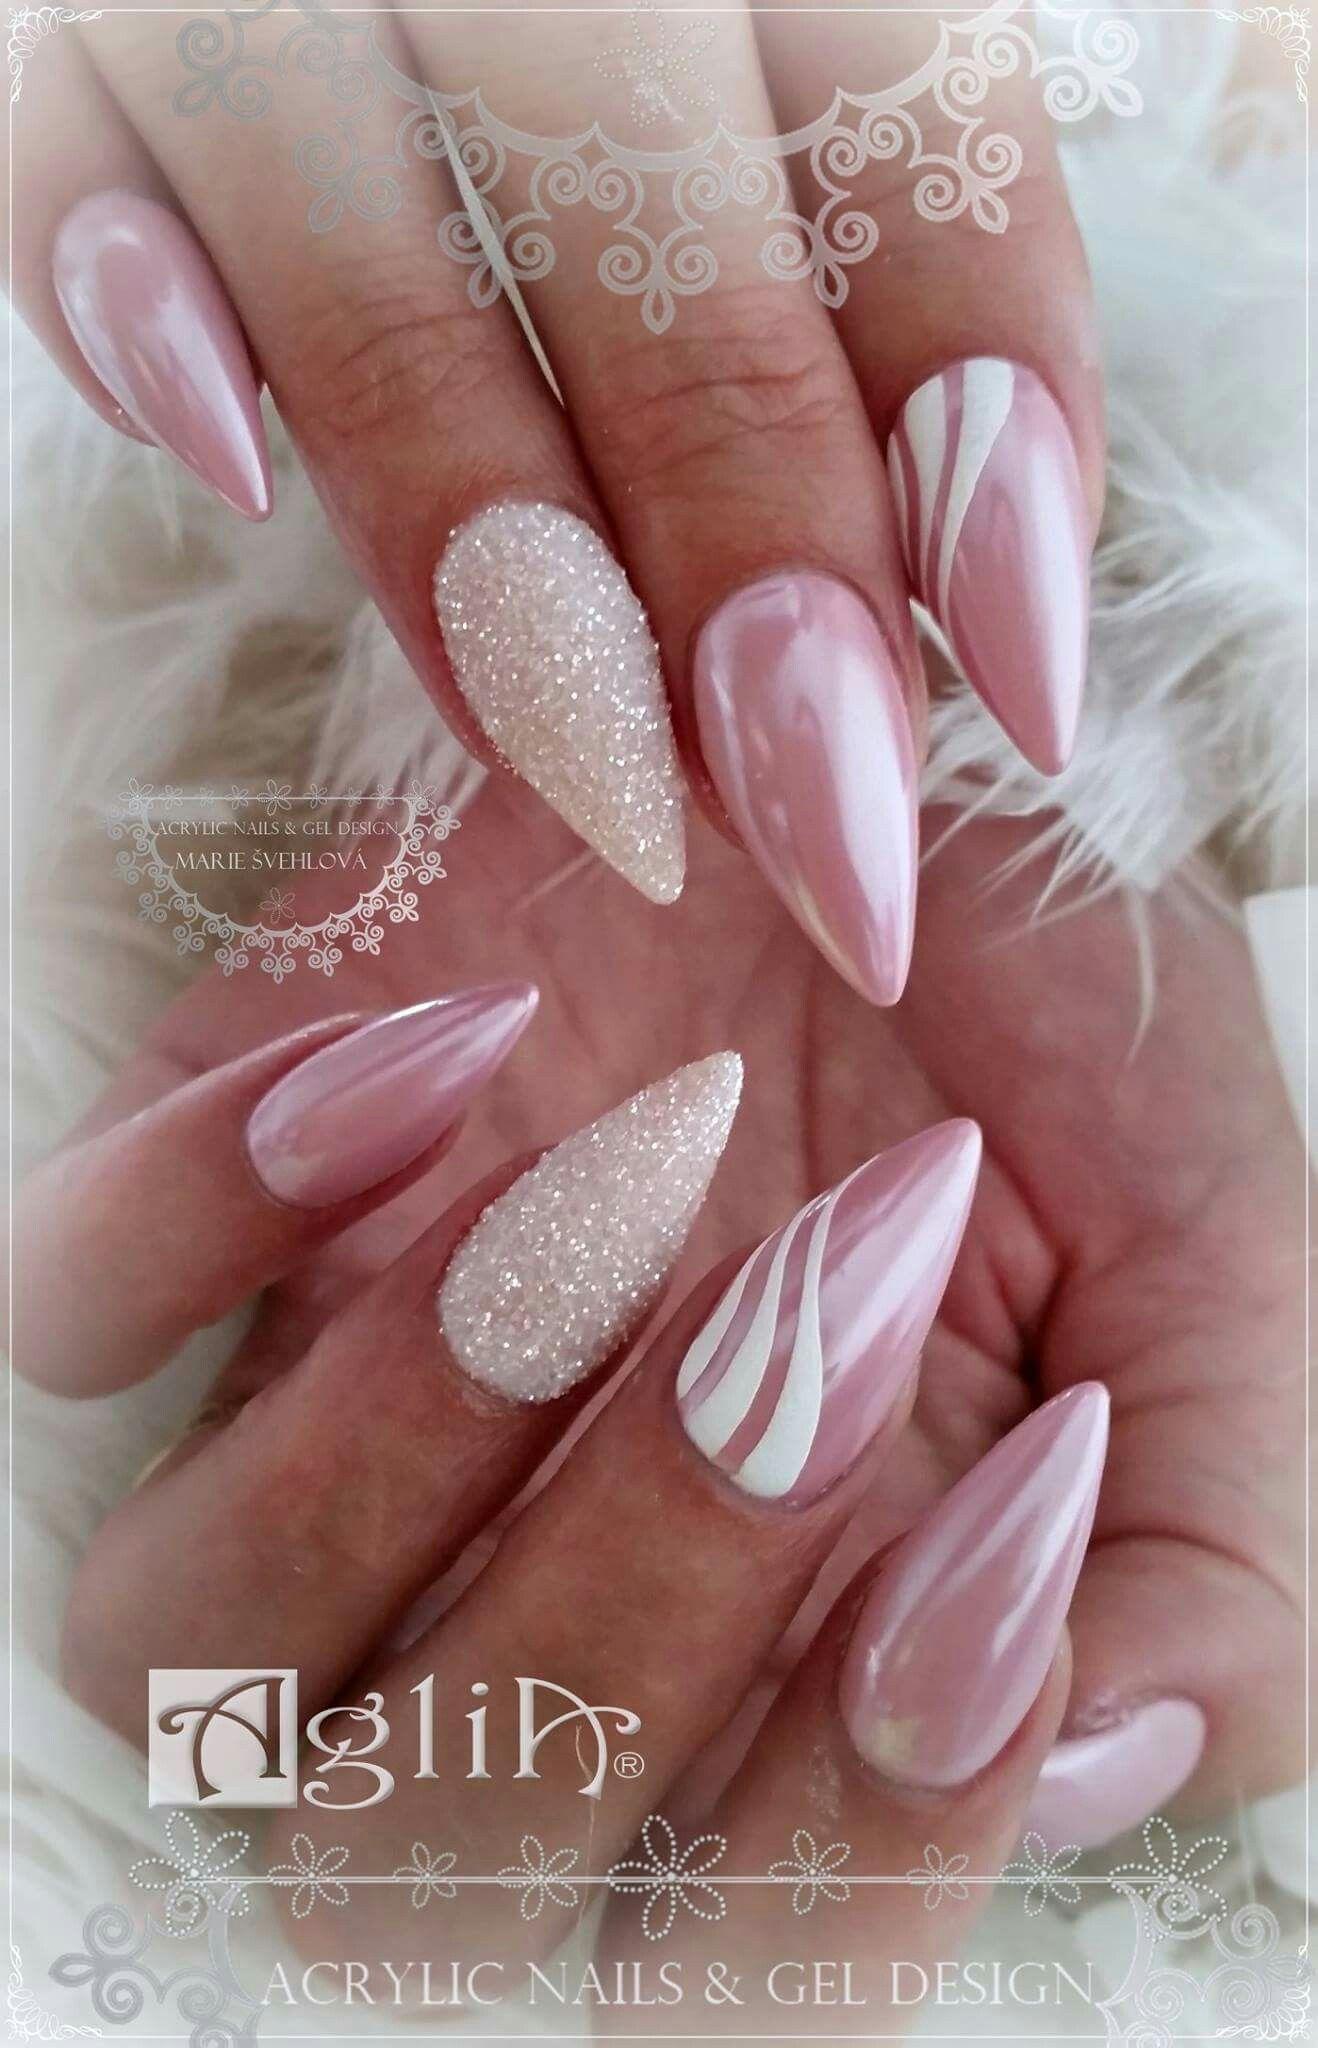 Acrylic Mail S Gel Design Chrome White Nails Designy Pro Gelove Nehty Ombre Nehty Barevne Nehty